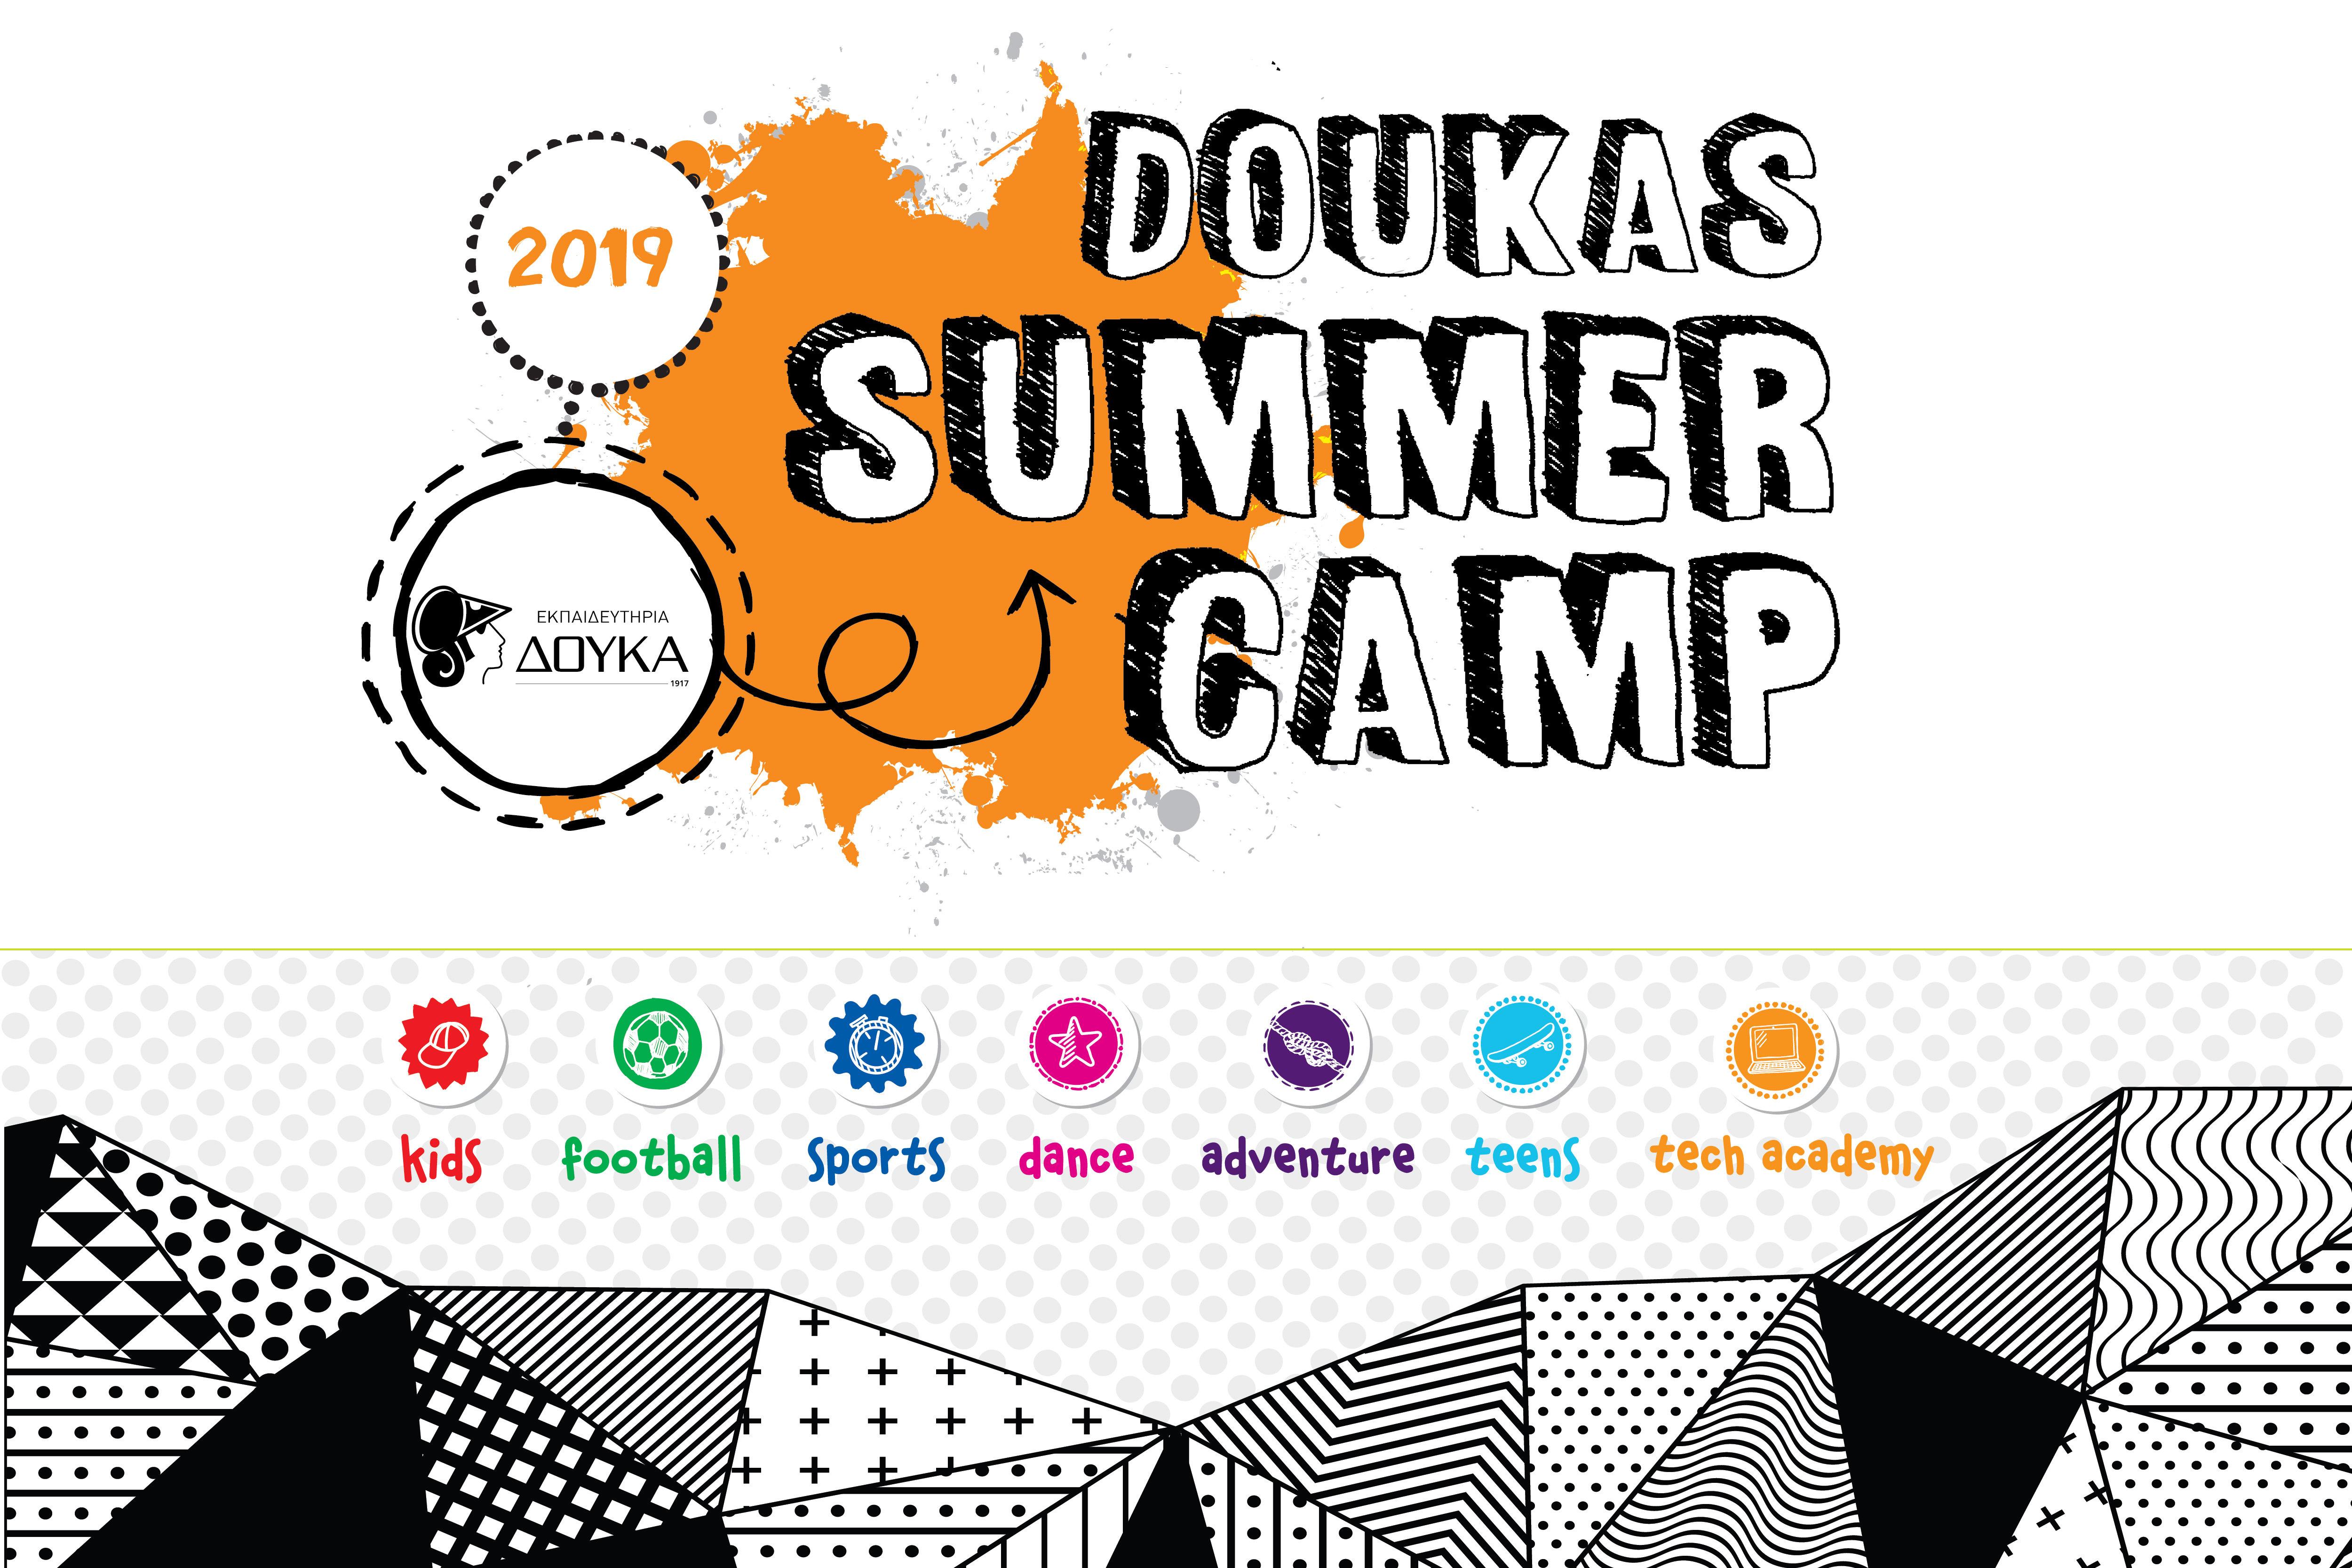 Doukas Summer Camp